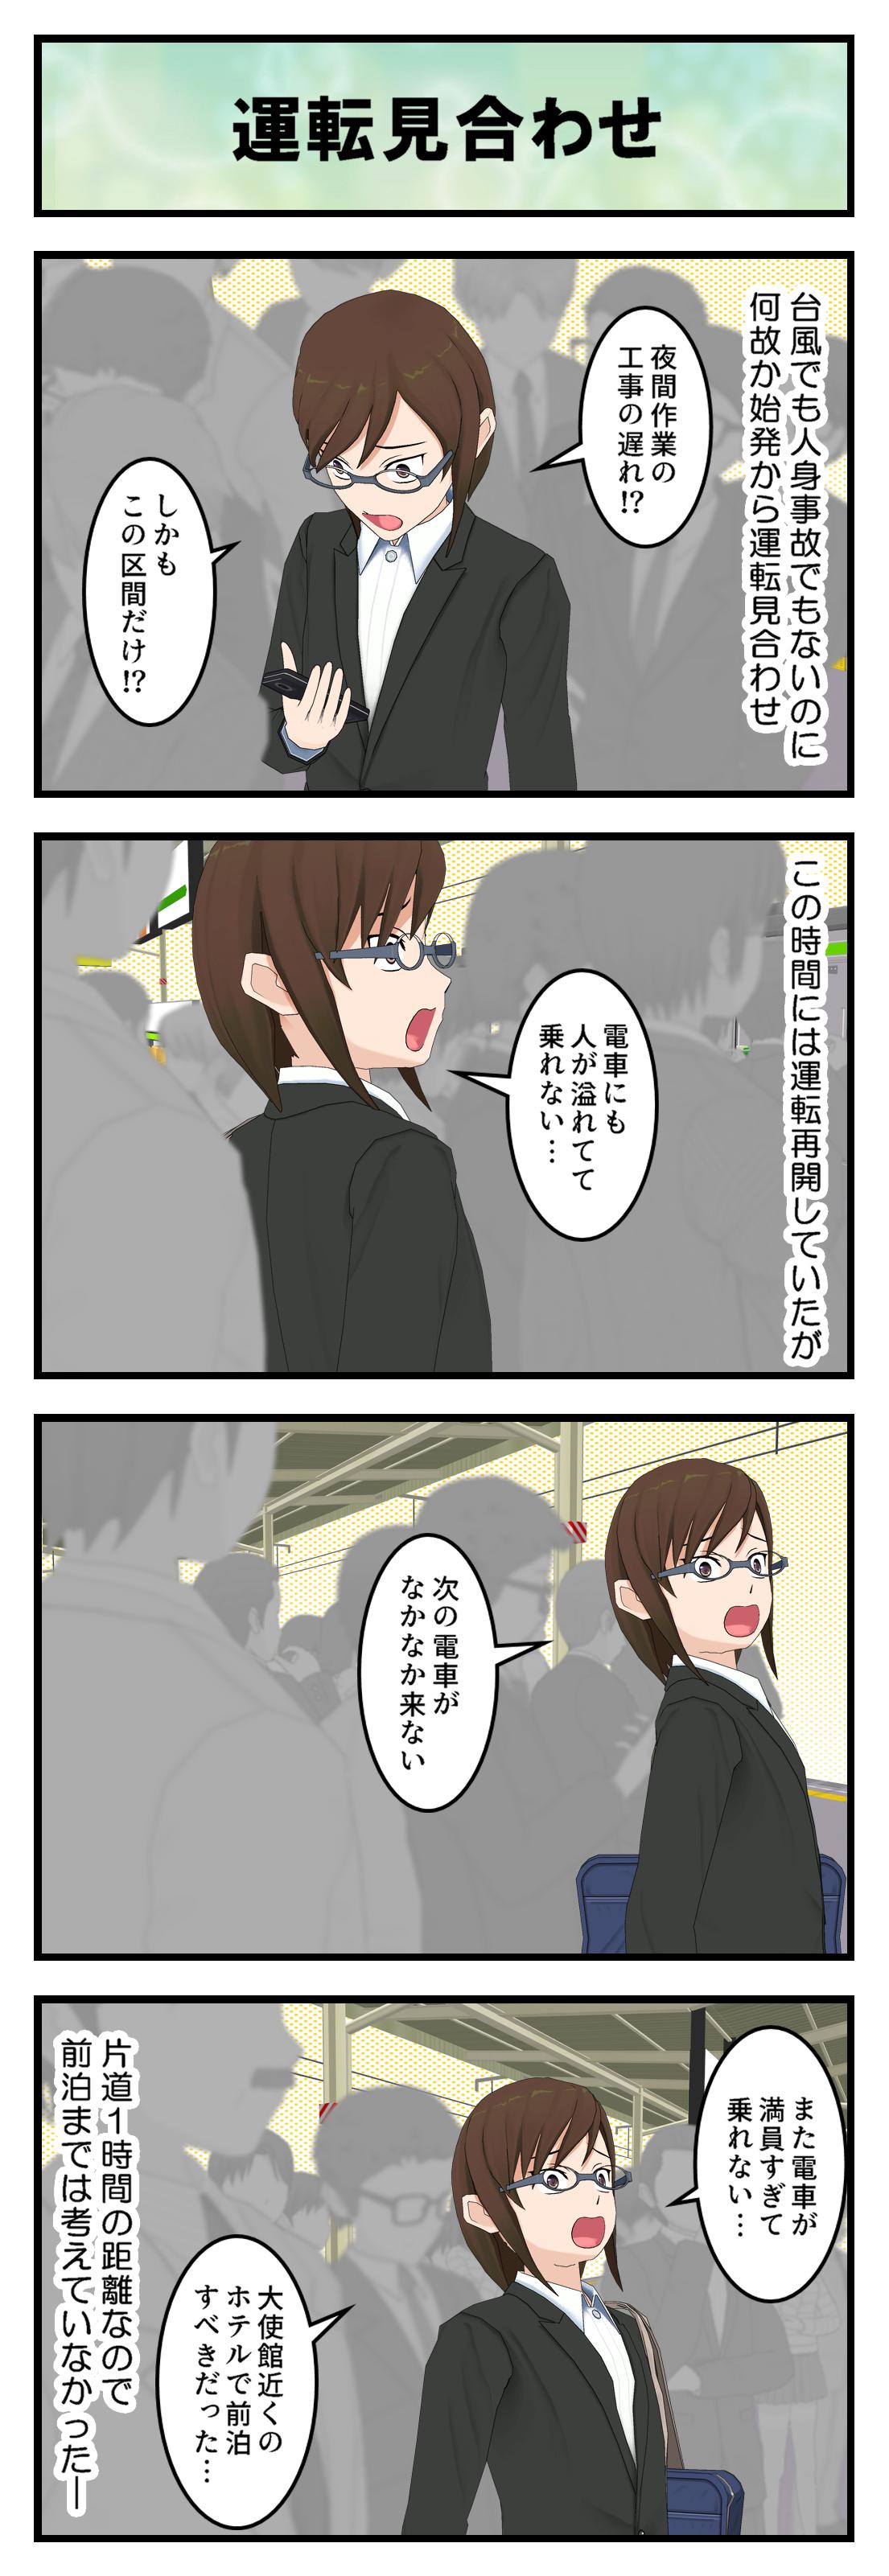 Q181_面接の日②電車乗れない_001